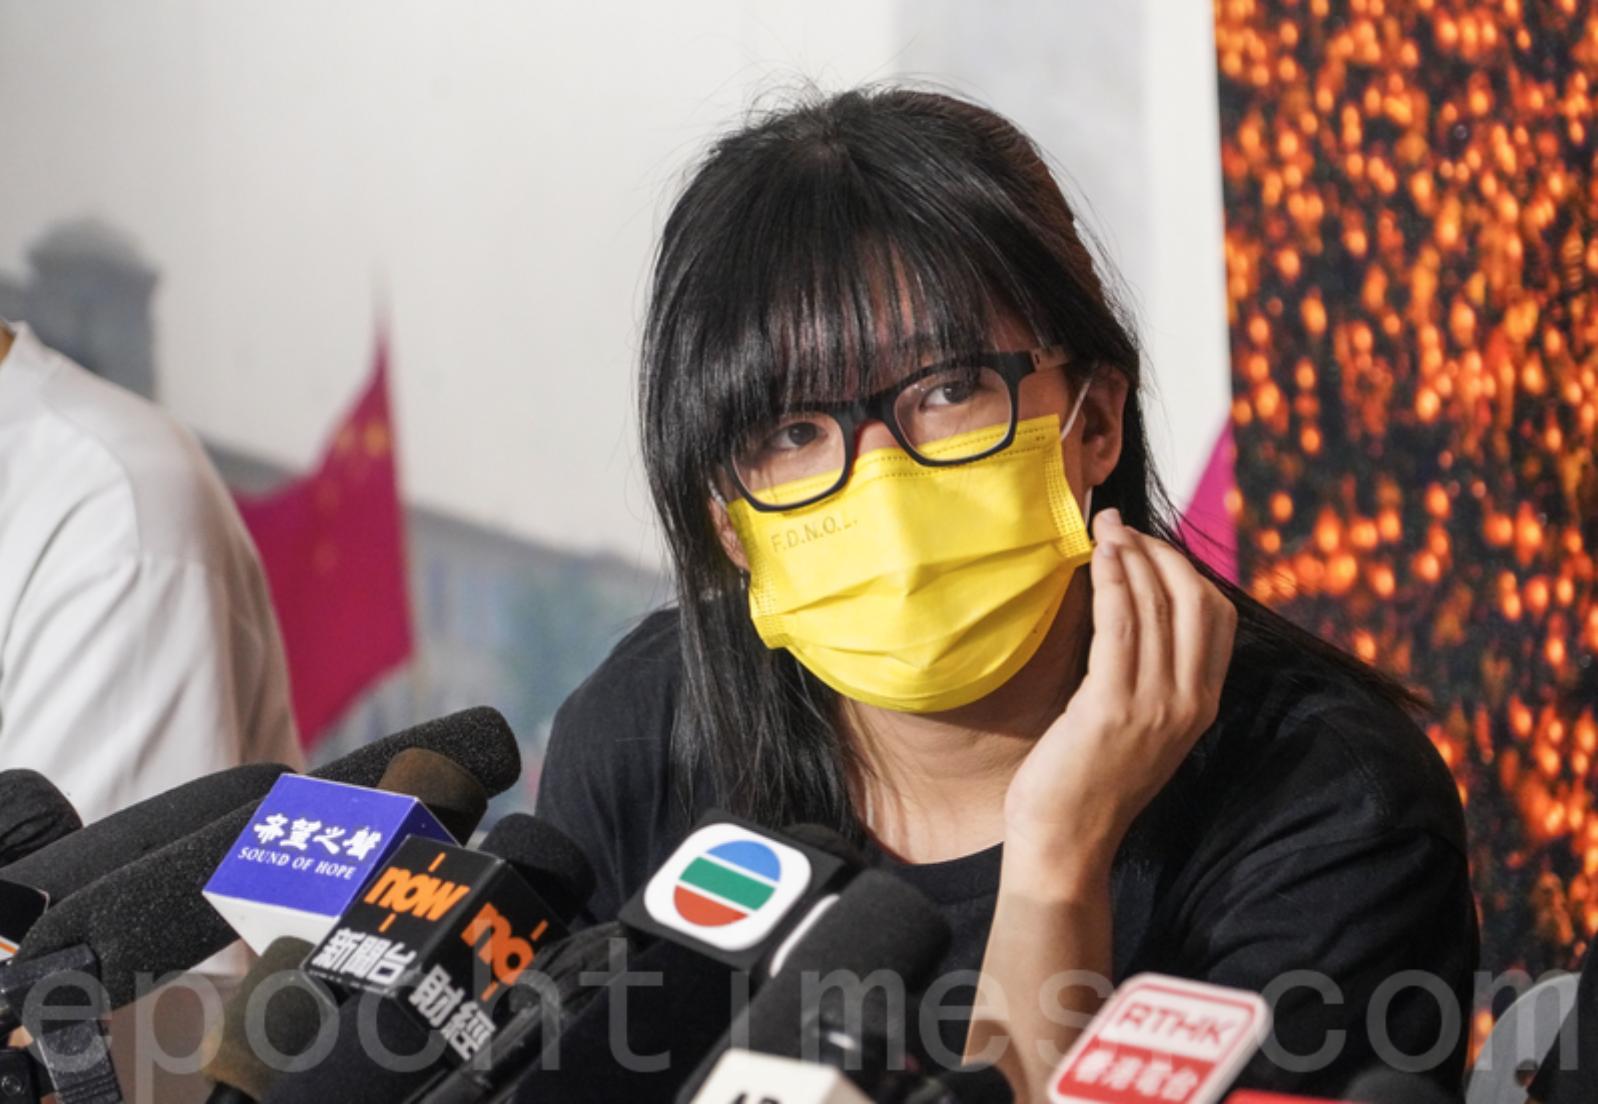 在獄中的支聯會副主席鄒幸彤今日(23日)發表公開信,呼籲支聯會不要自行解散。資料圖片。(余鋼/大紀元)